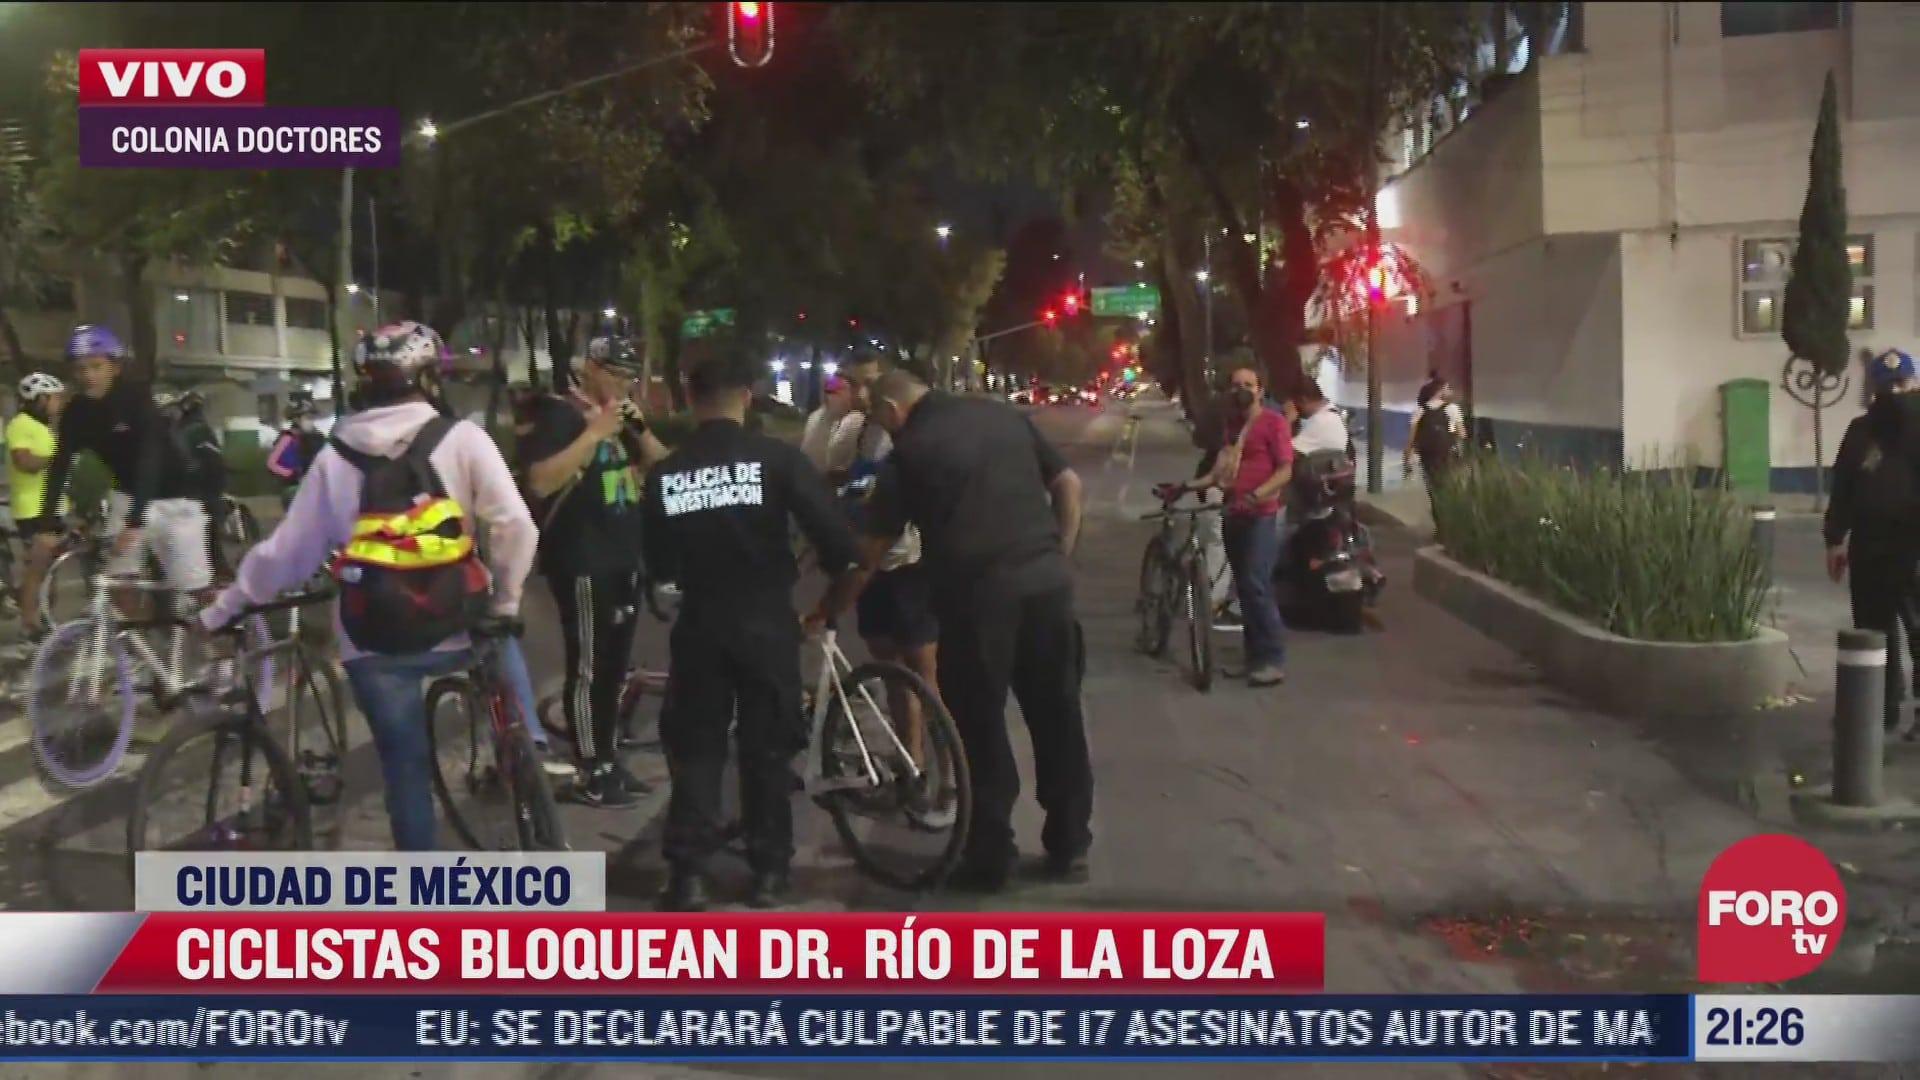 ciclistas bloquean dr rio de la loza en cdmx